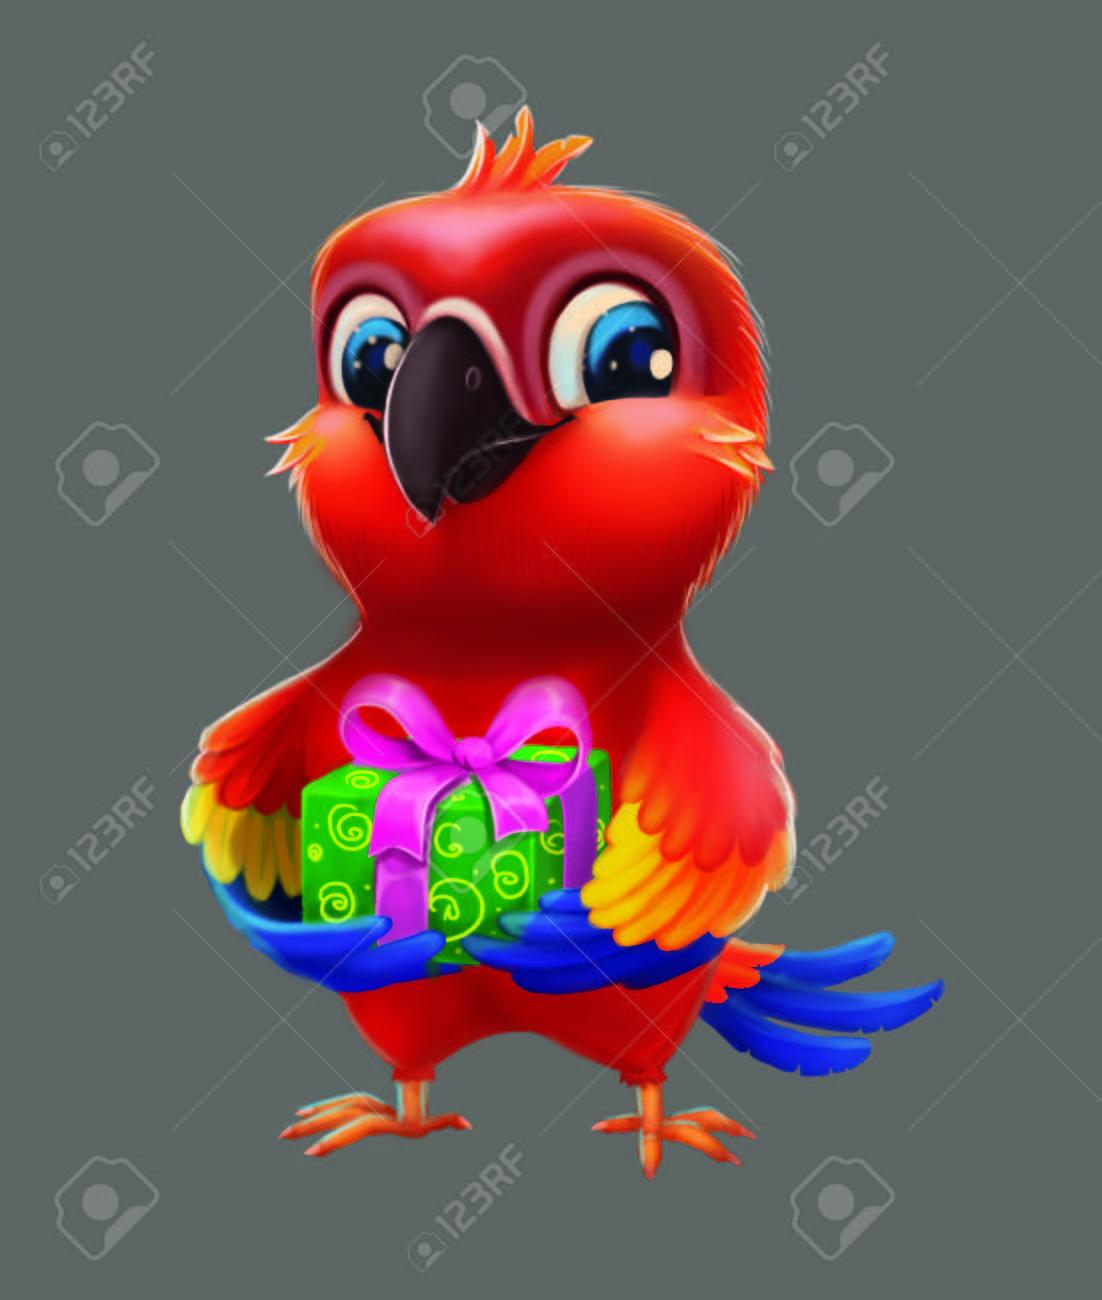 Sonriendo Parakeet Feliz Parrot Dando Partido Presente A Un Amigo Kids Feliz Cumpleanos De Dibujado A Mano Lindo Personaje De Dibujos Animados